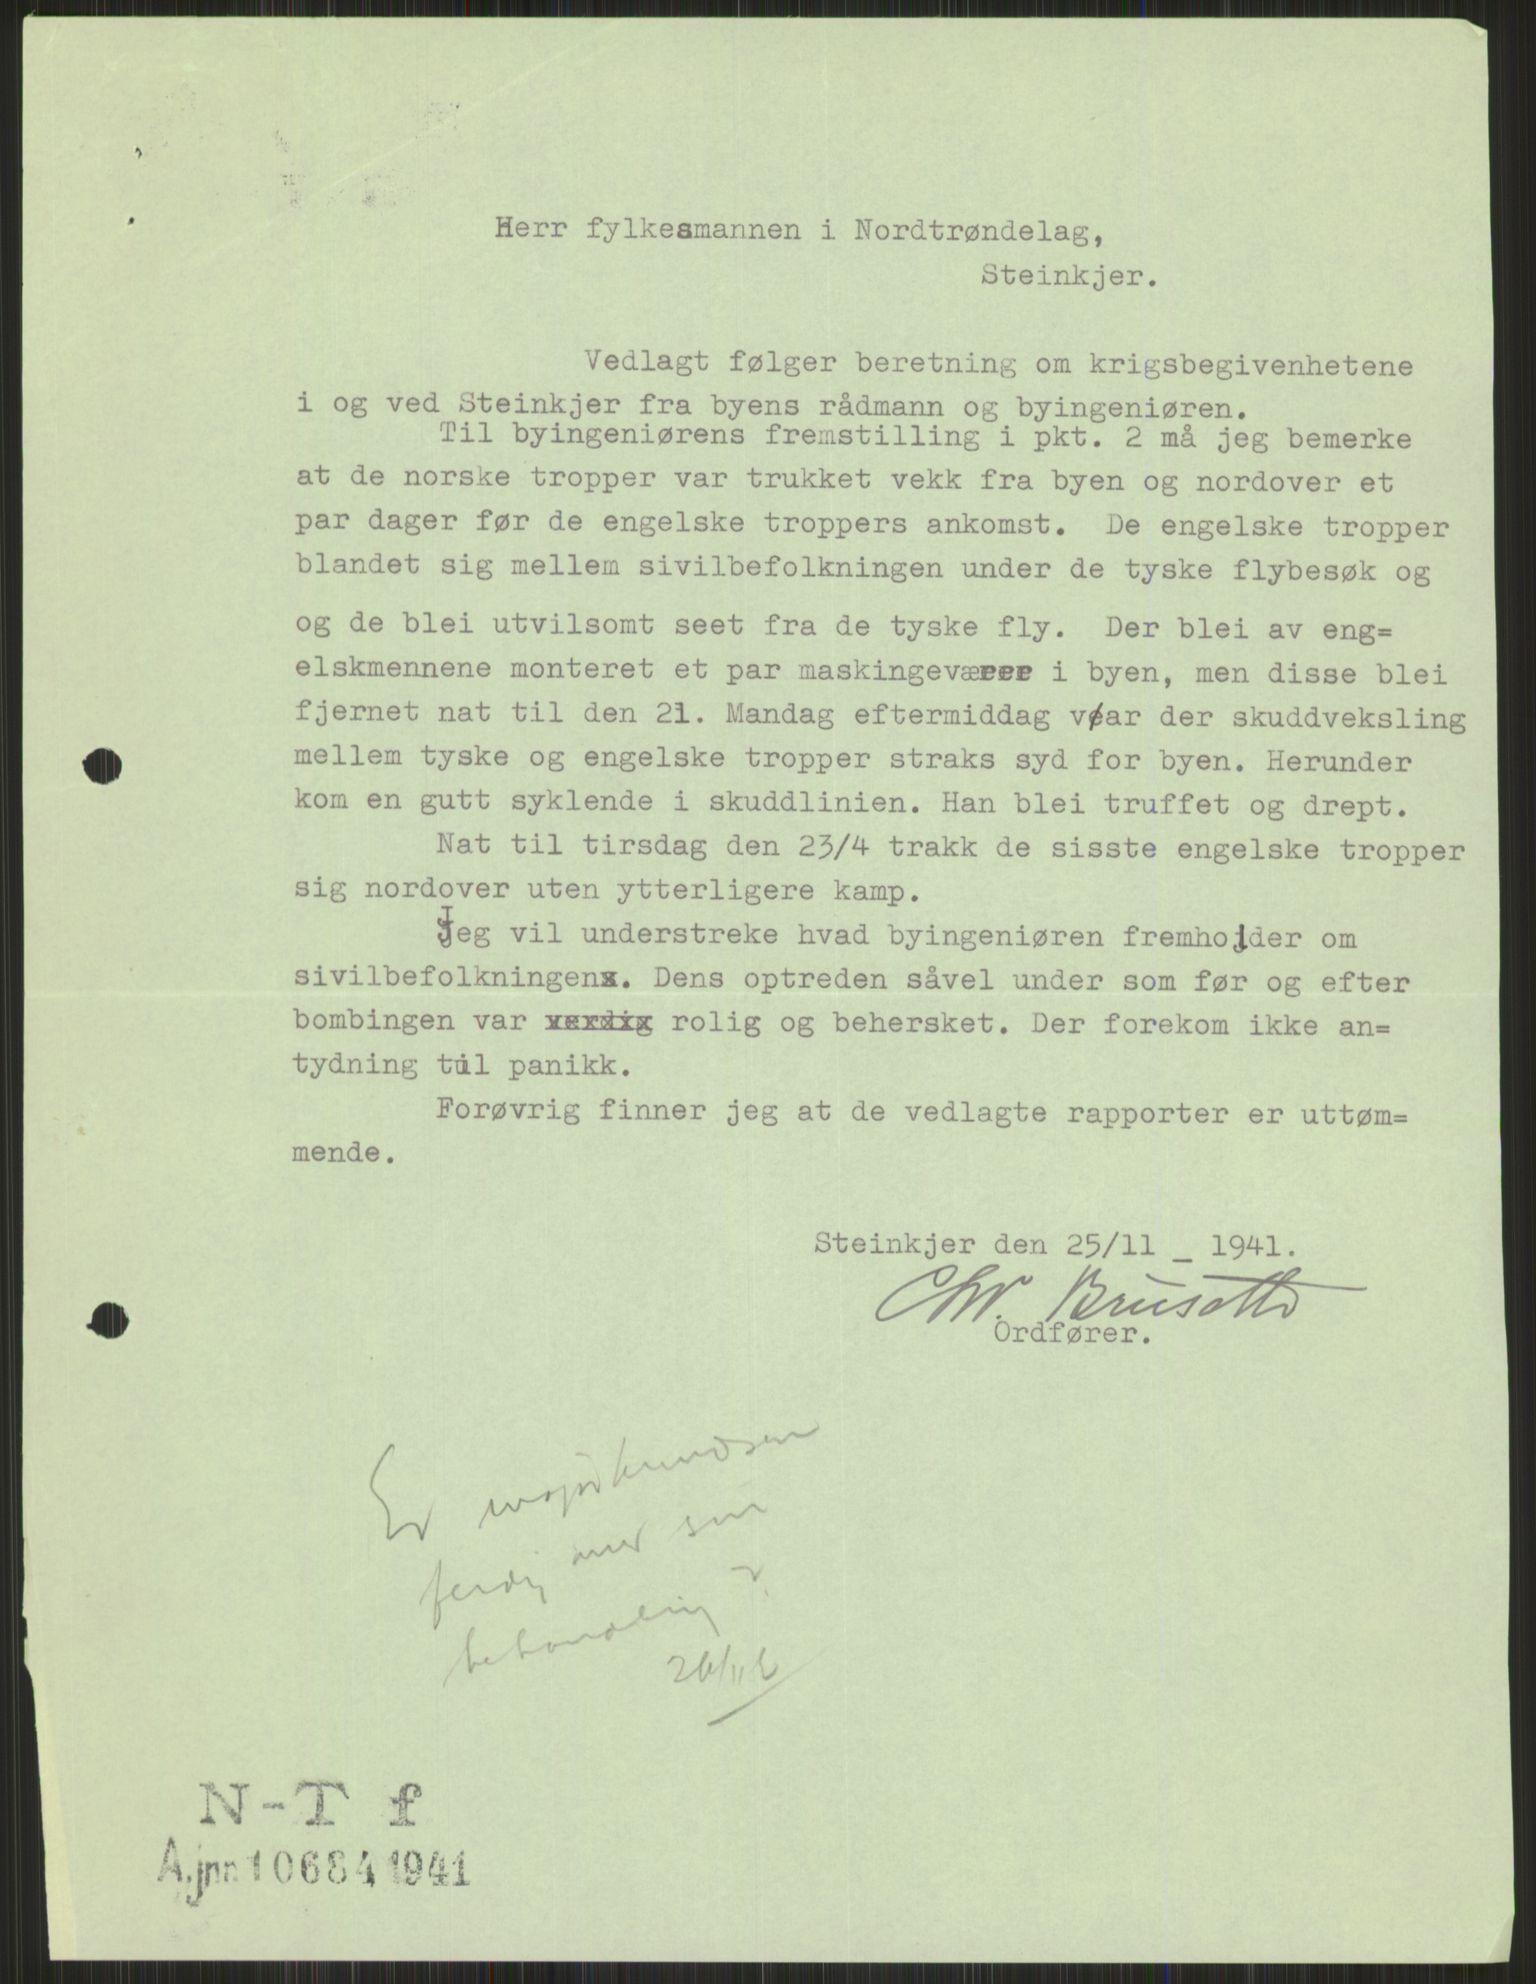 RA, Forsvaret, Forsvarets krigshistoriske avdeling, Y/Ya/L0016: II-C-11-31 - Fylkesmenn.  Rapporter om krigsbegivenhetene 1940., 1940, s. 575